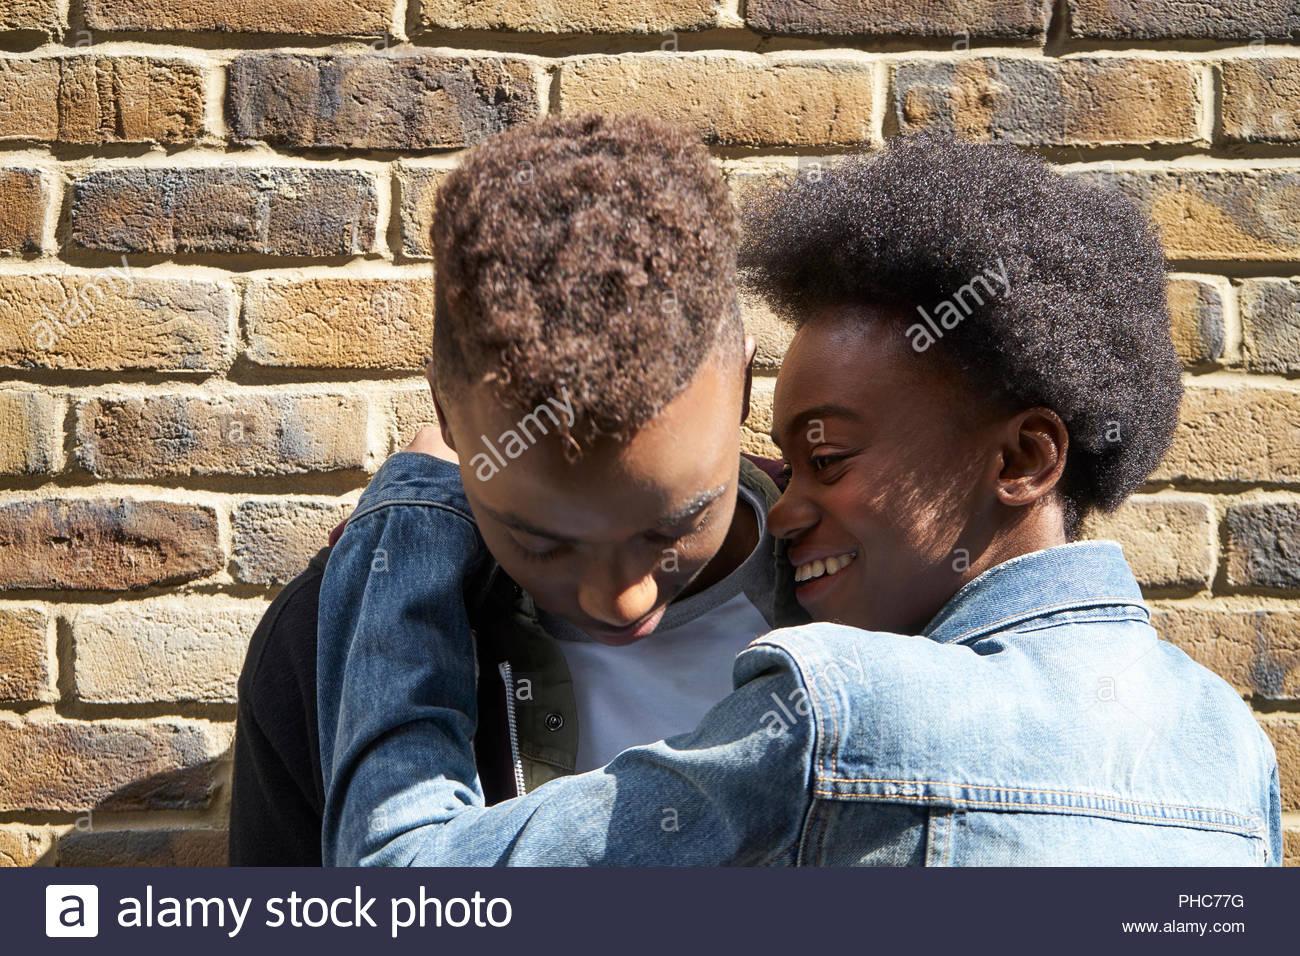 La pareja de adolescentes junto al muro de ladrillo Imagen De Stock